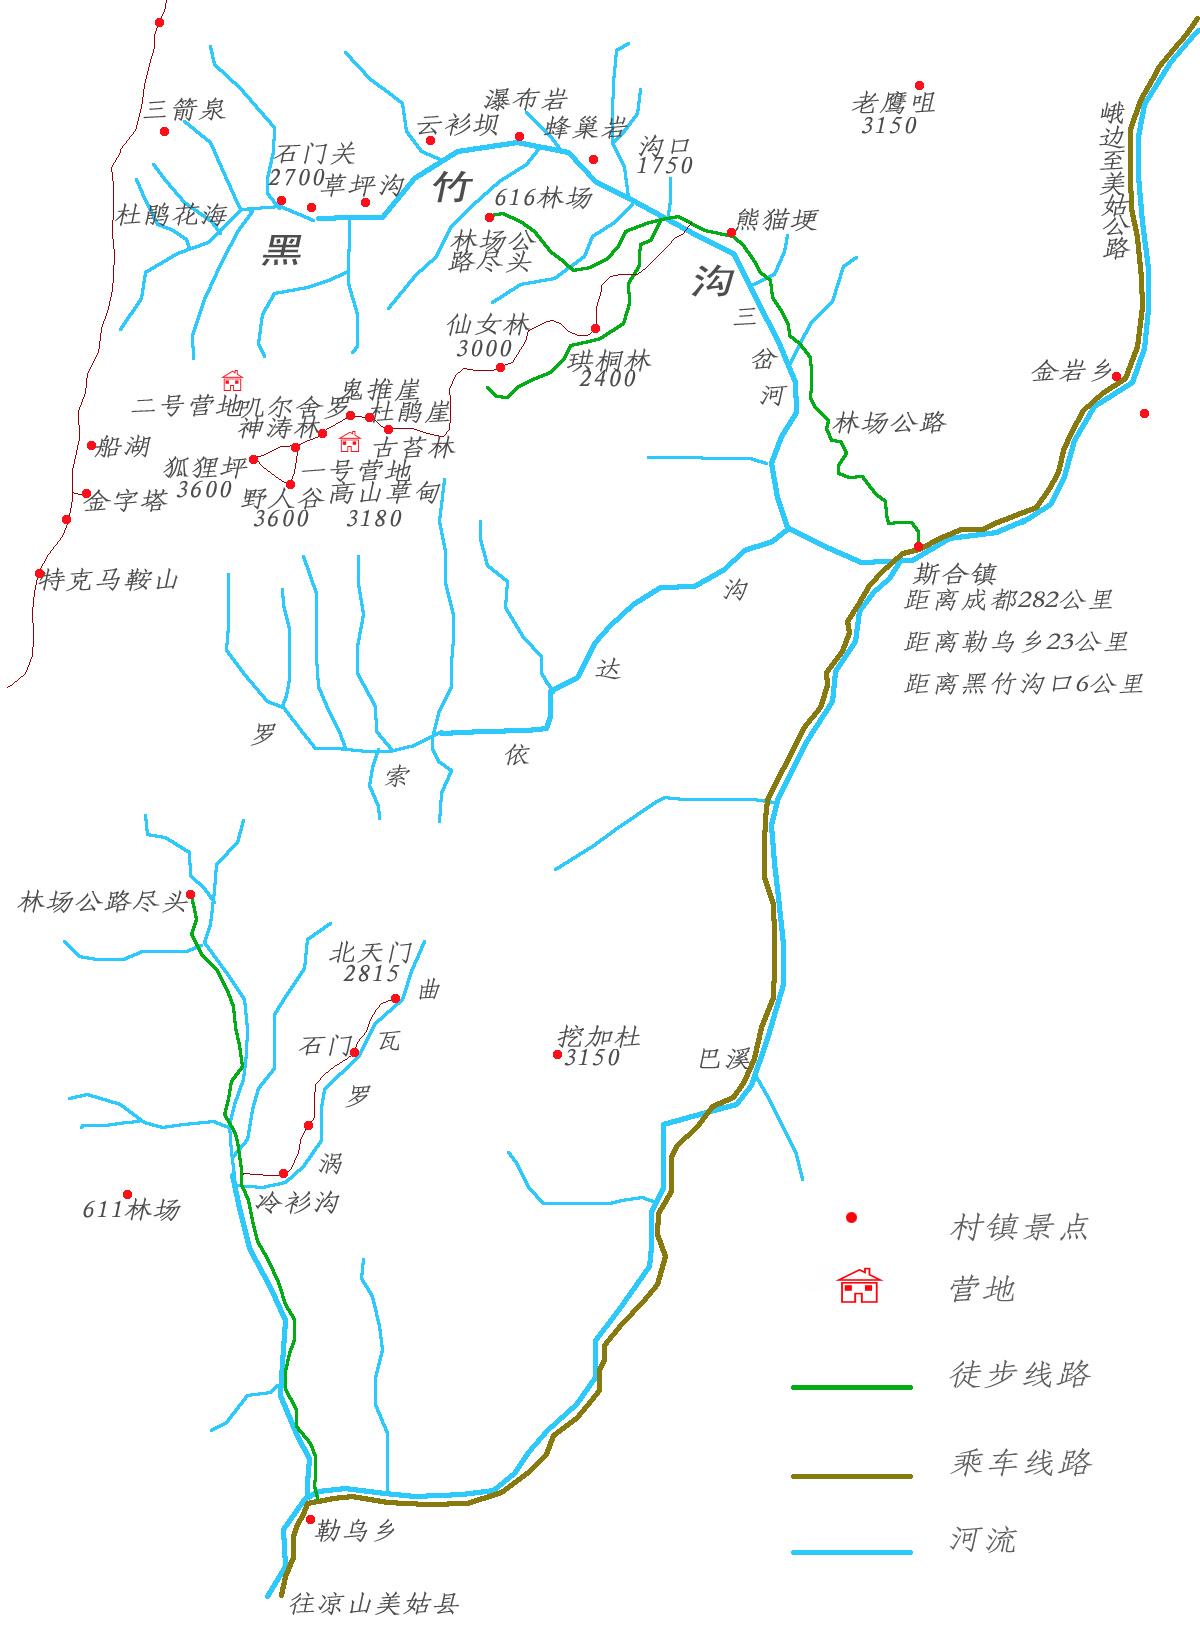 四川黑竹溝旅遊地圖